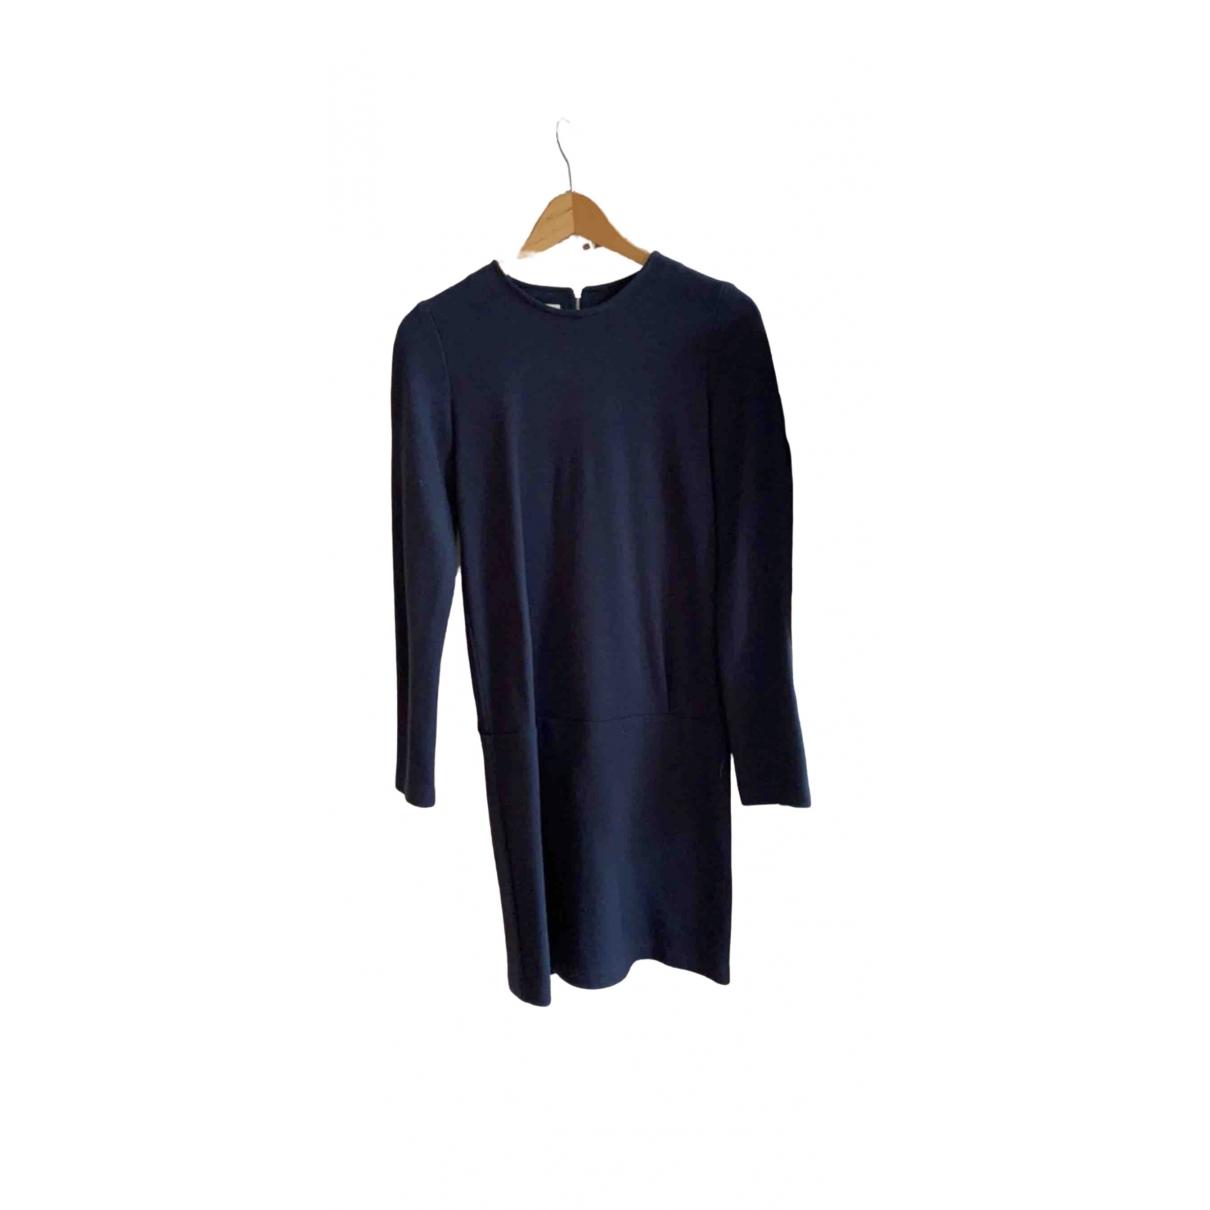 Sessun \N Kleid in  Blau Wolle